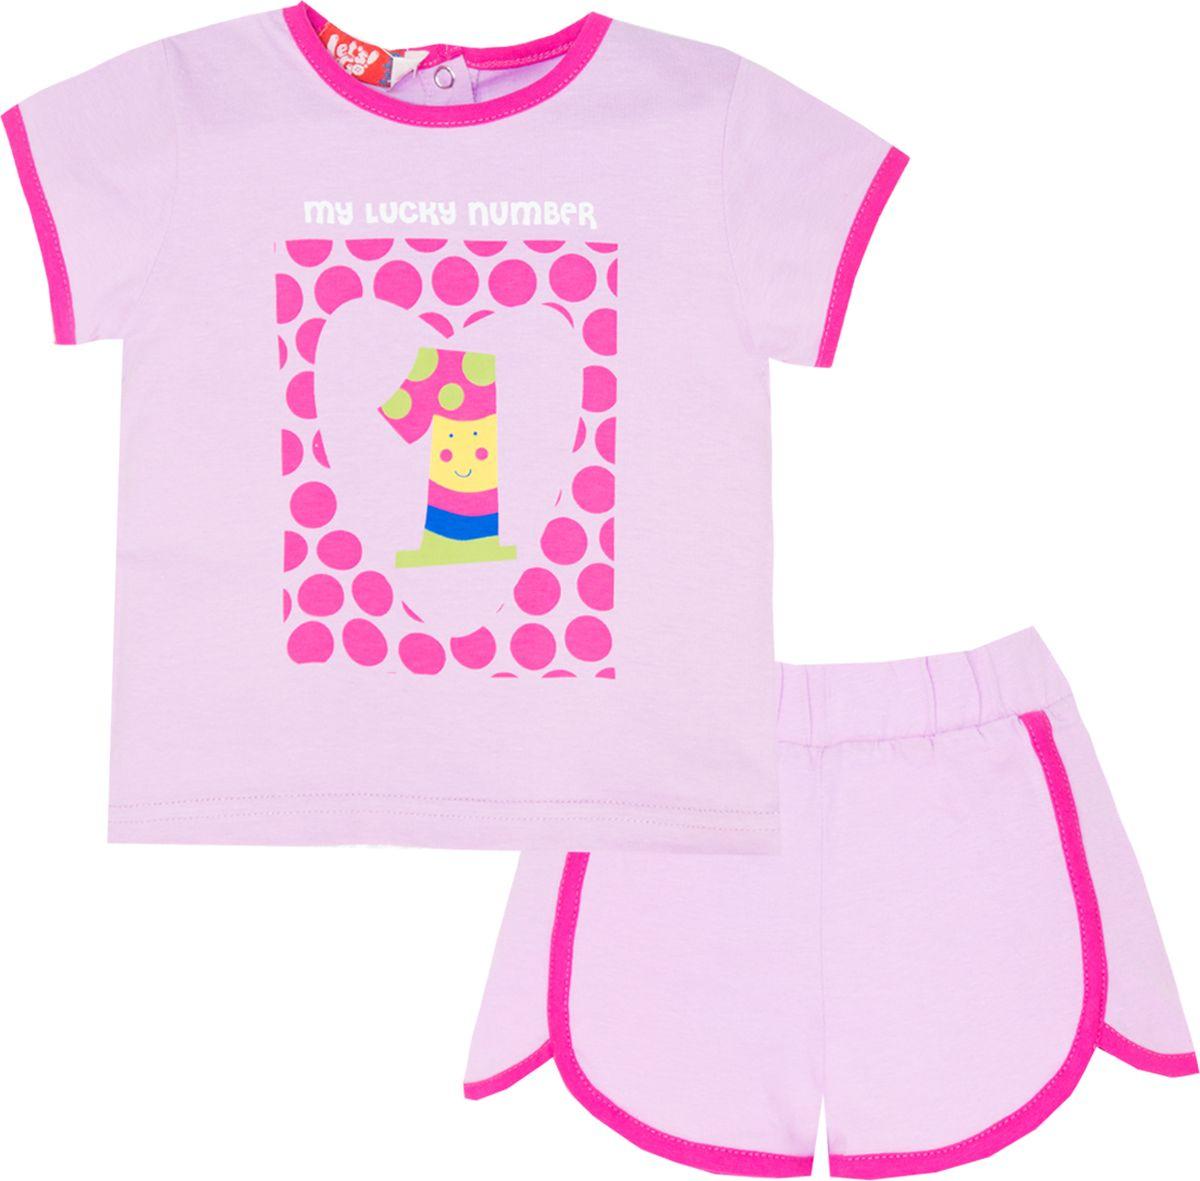 Комплект одежды для девочки Let's Go: футболка, шорты, цвет: светло-сиреневый. 4117. Размер 86 трусы для девочки let s go цвет белый сиреневый 1247 размер 80